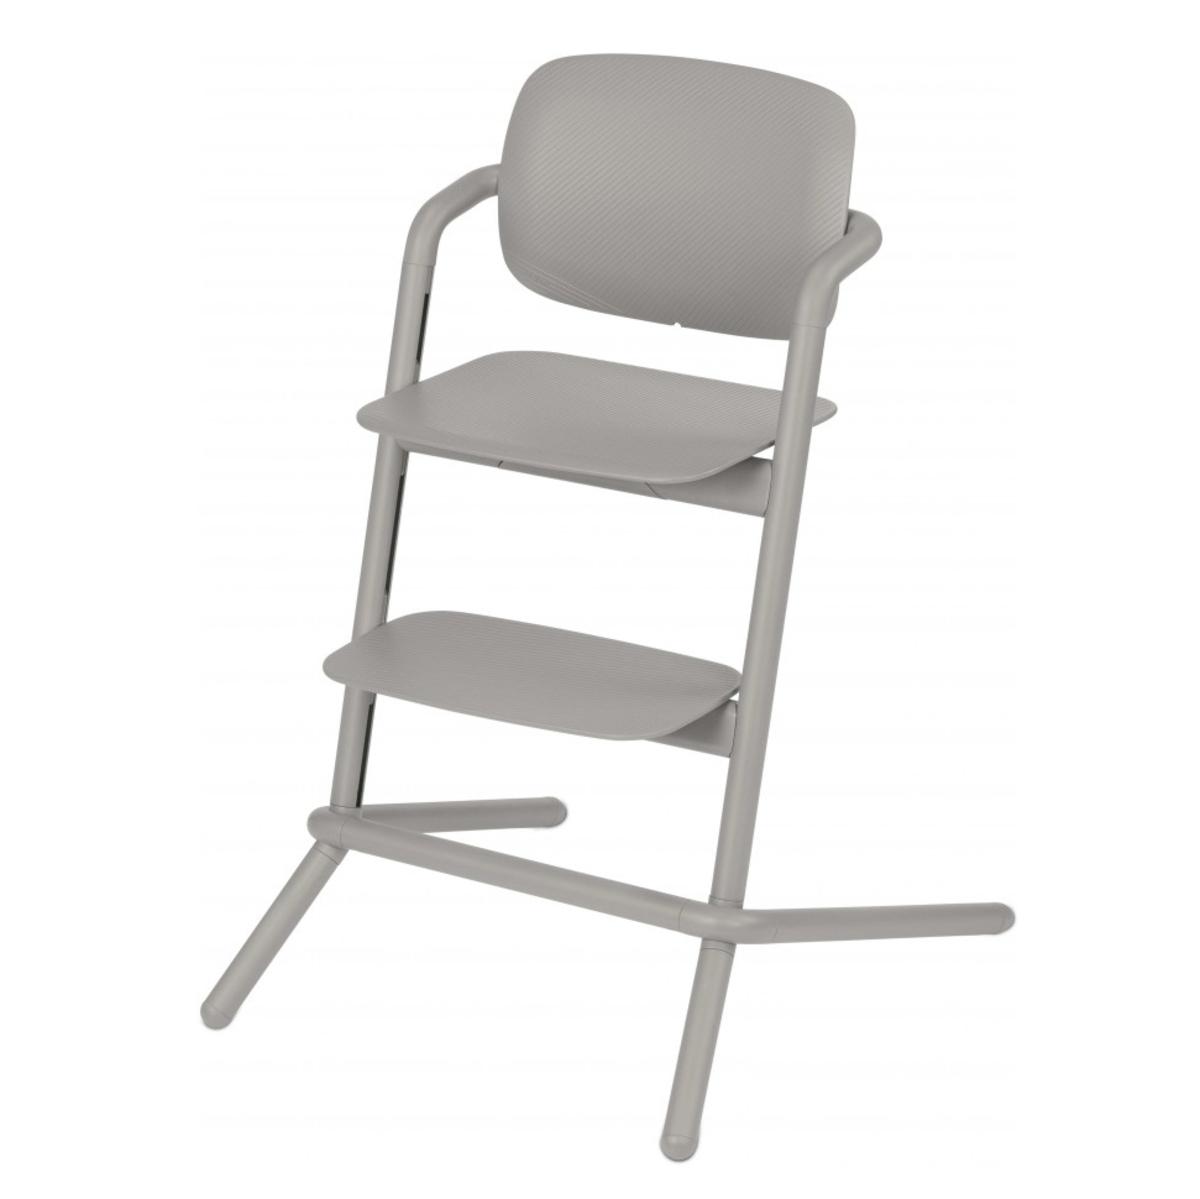 Chaise haute Chaise Haute Lemo - Storm Grey